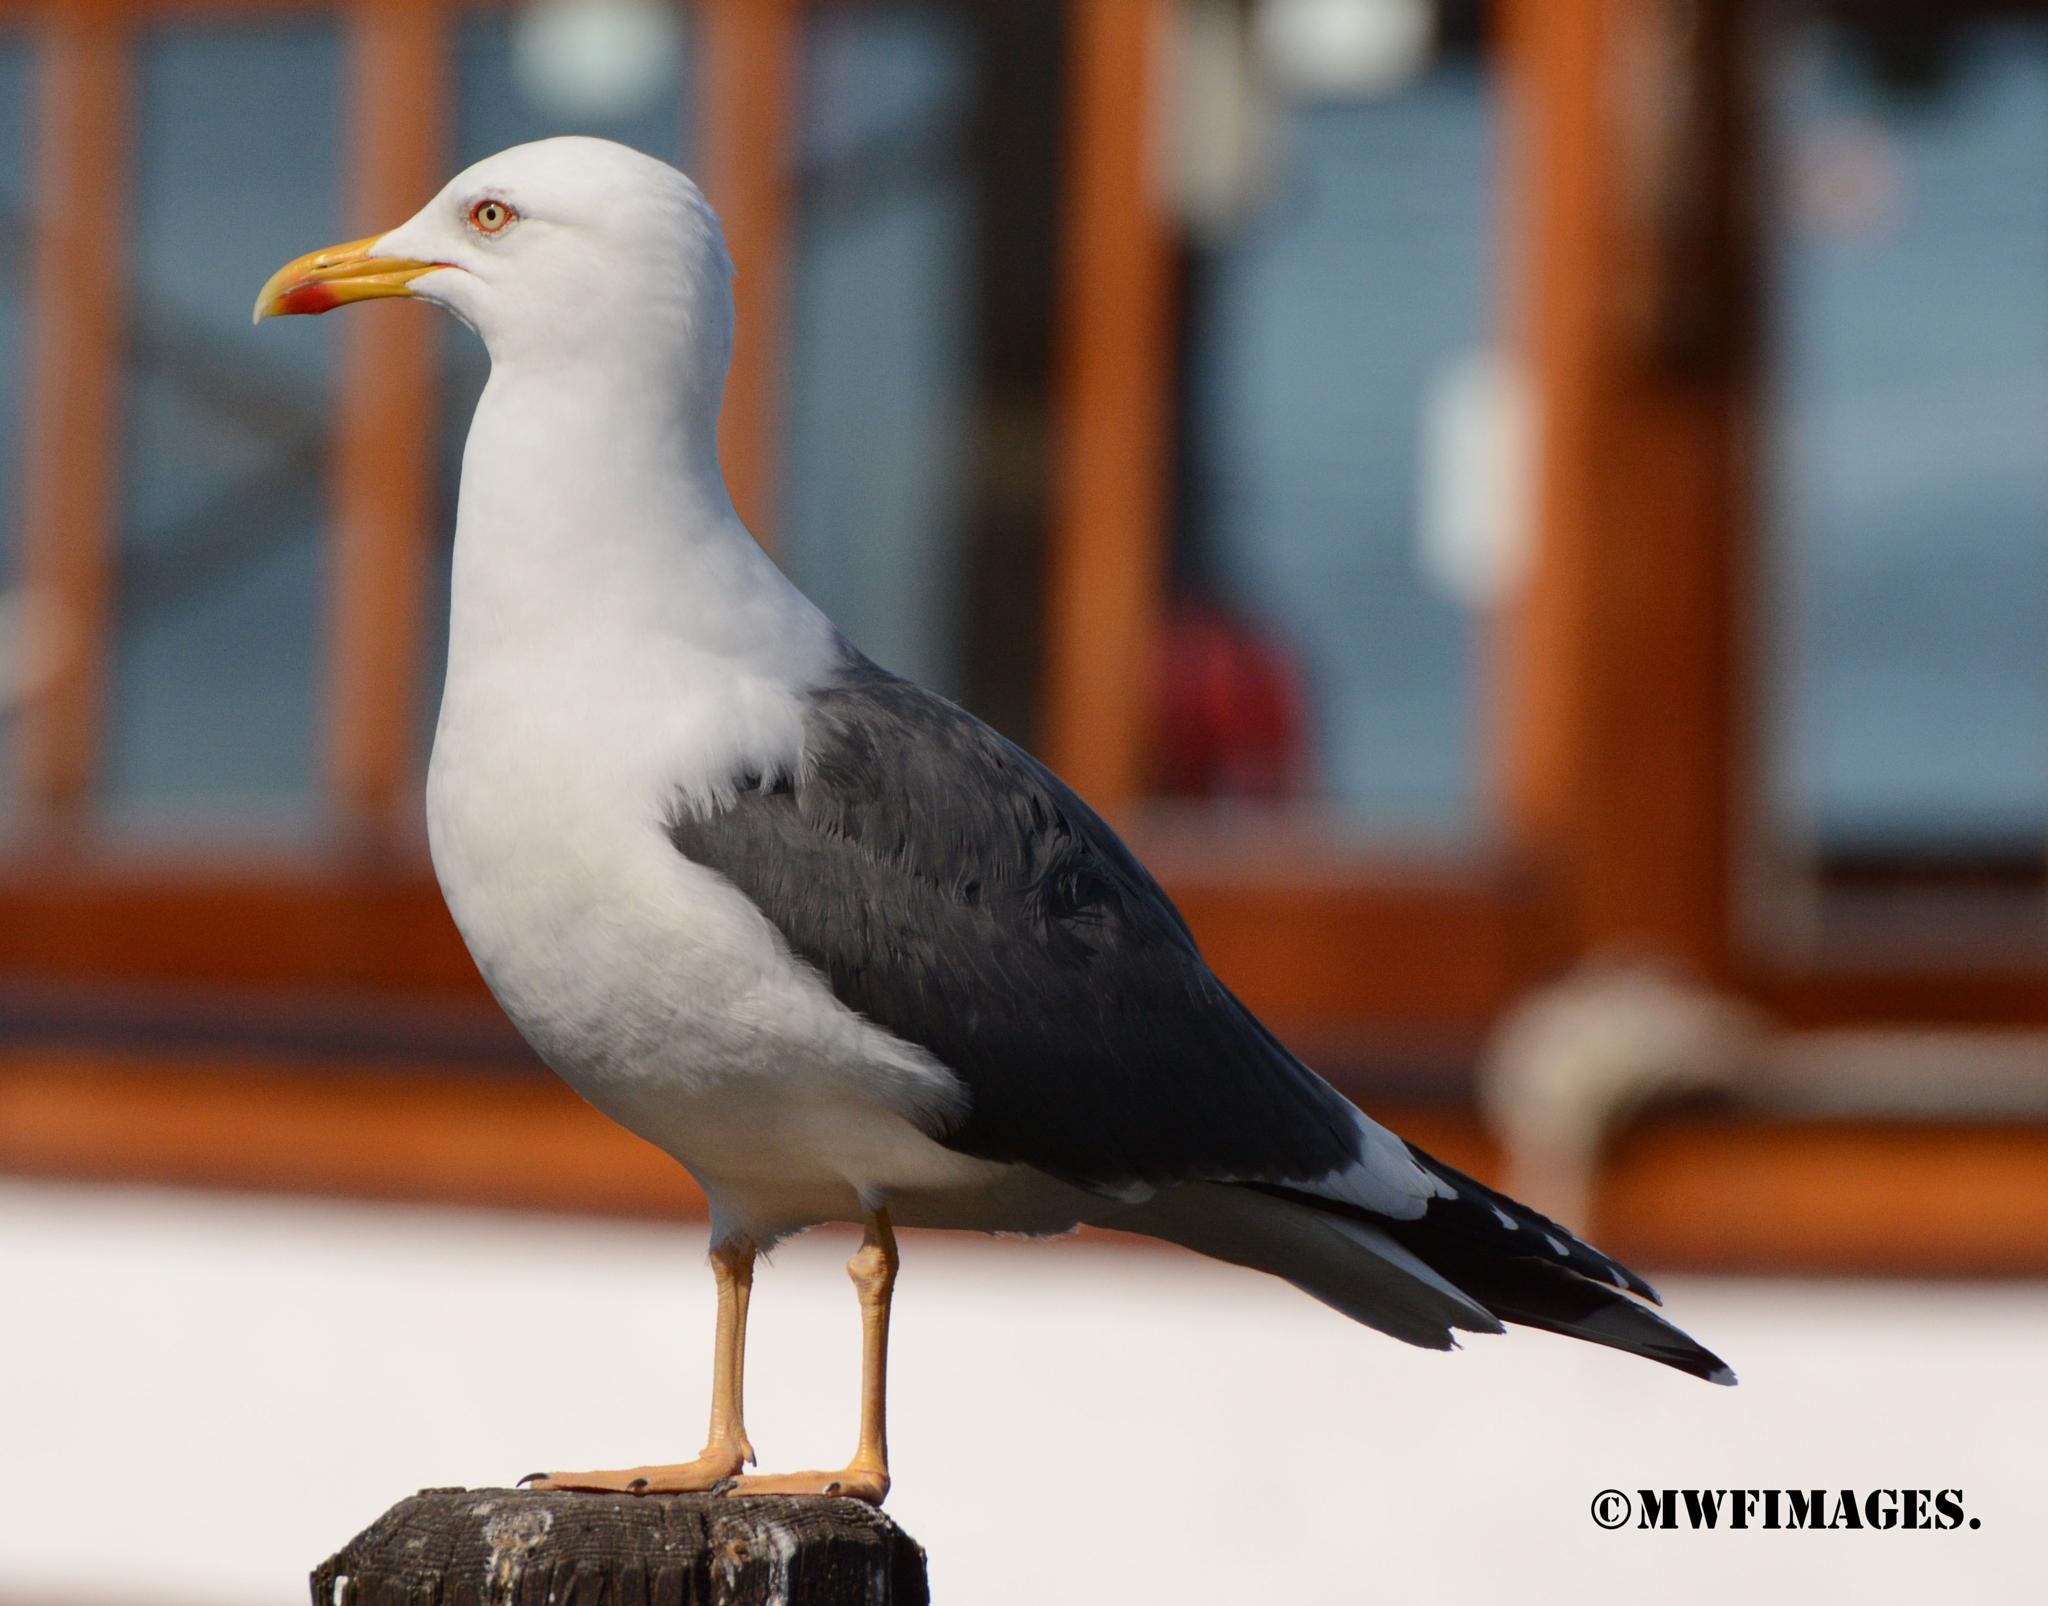 Herring Gull by martinfairbairn178